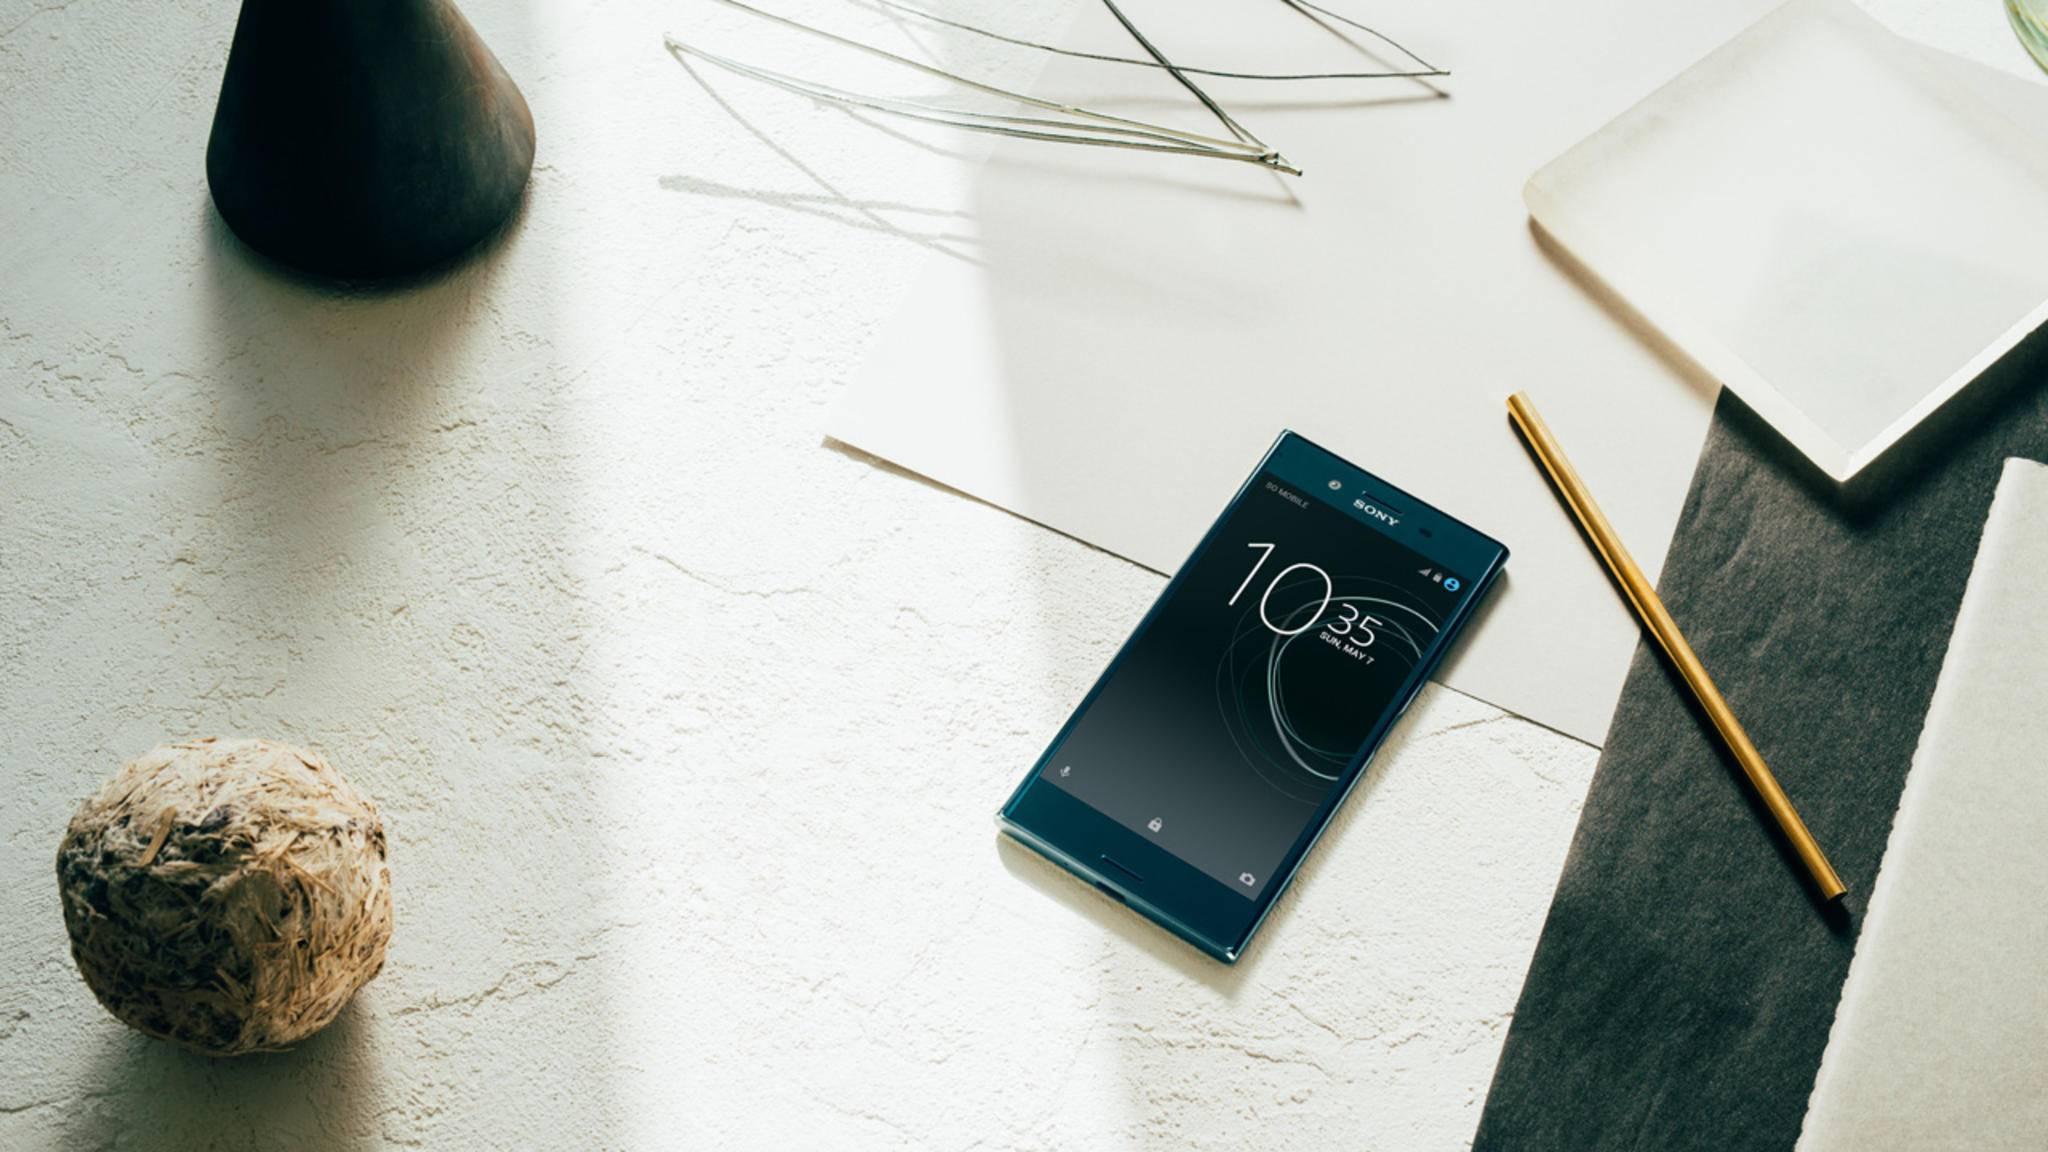 Die neuen Sony-Smartphones sollen die gleiche Kamera wie das Xperia XZ Premium bekommen.